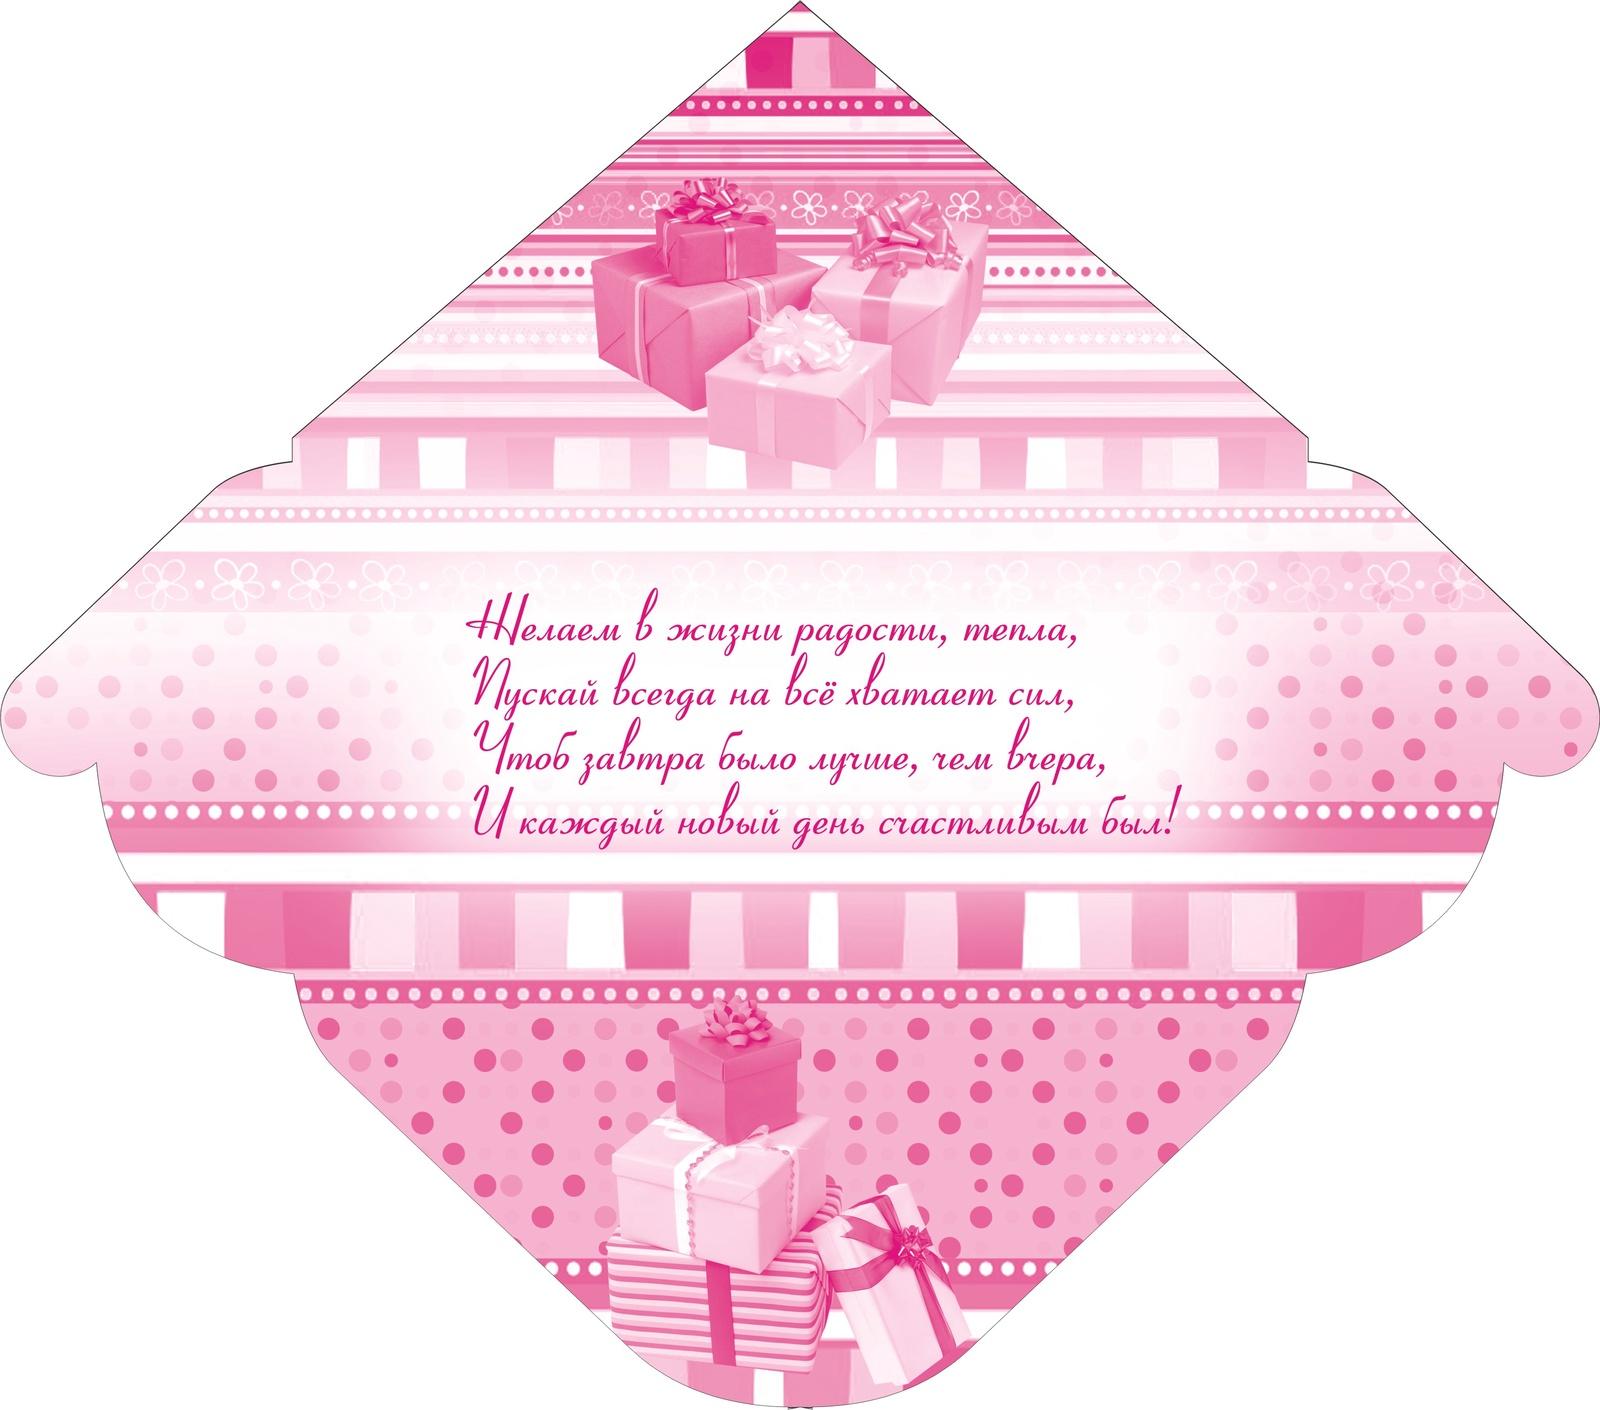 конверты с поздравлениями для печати кухни